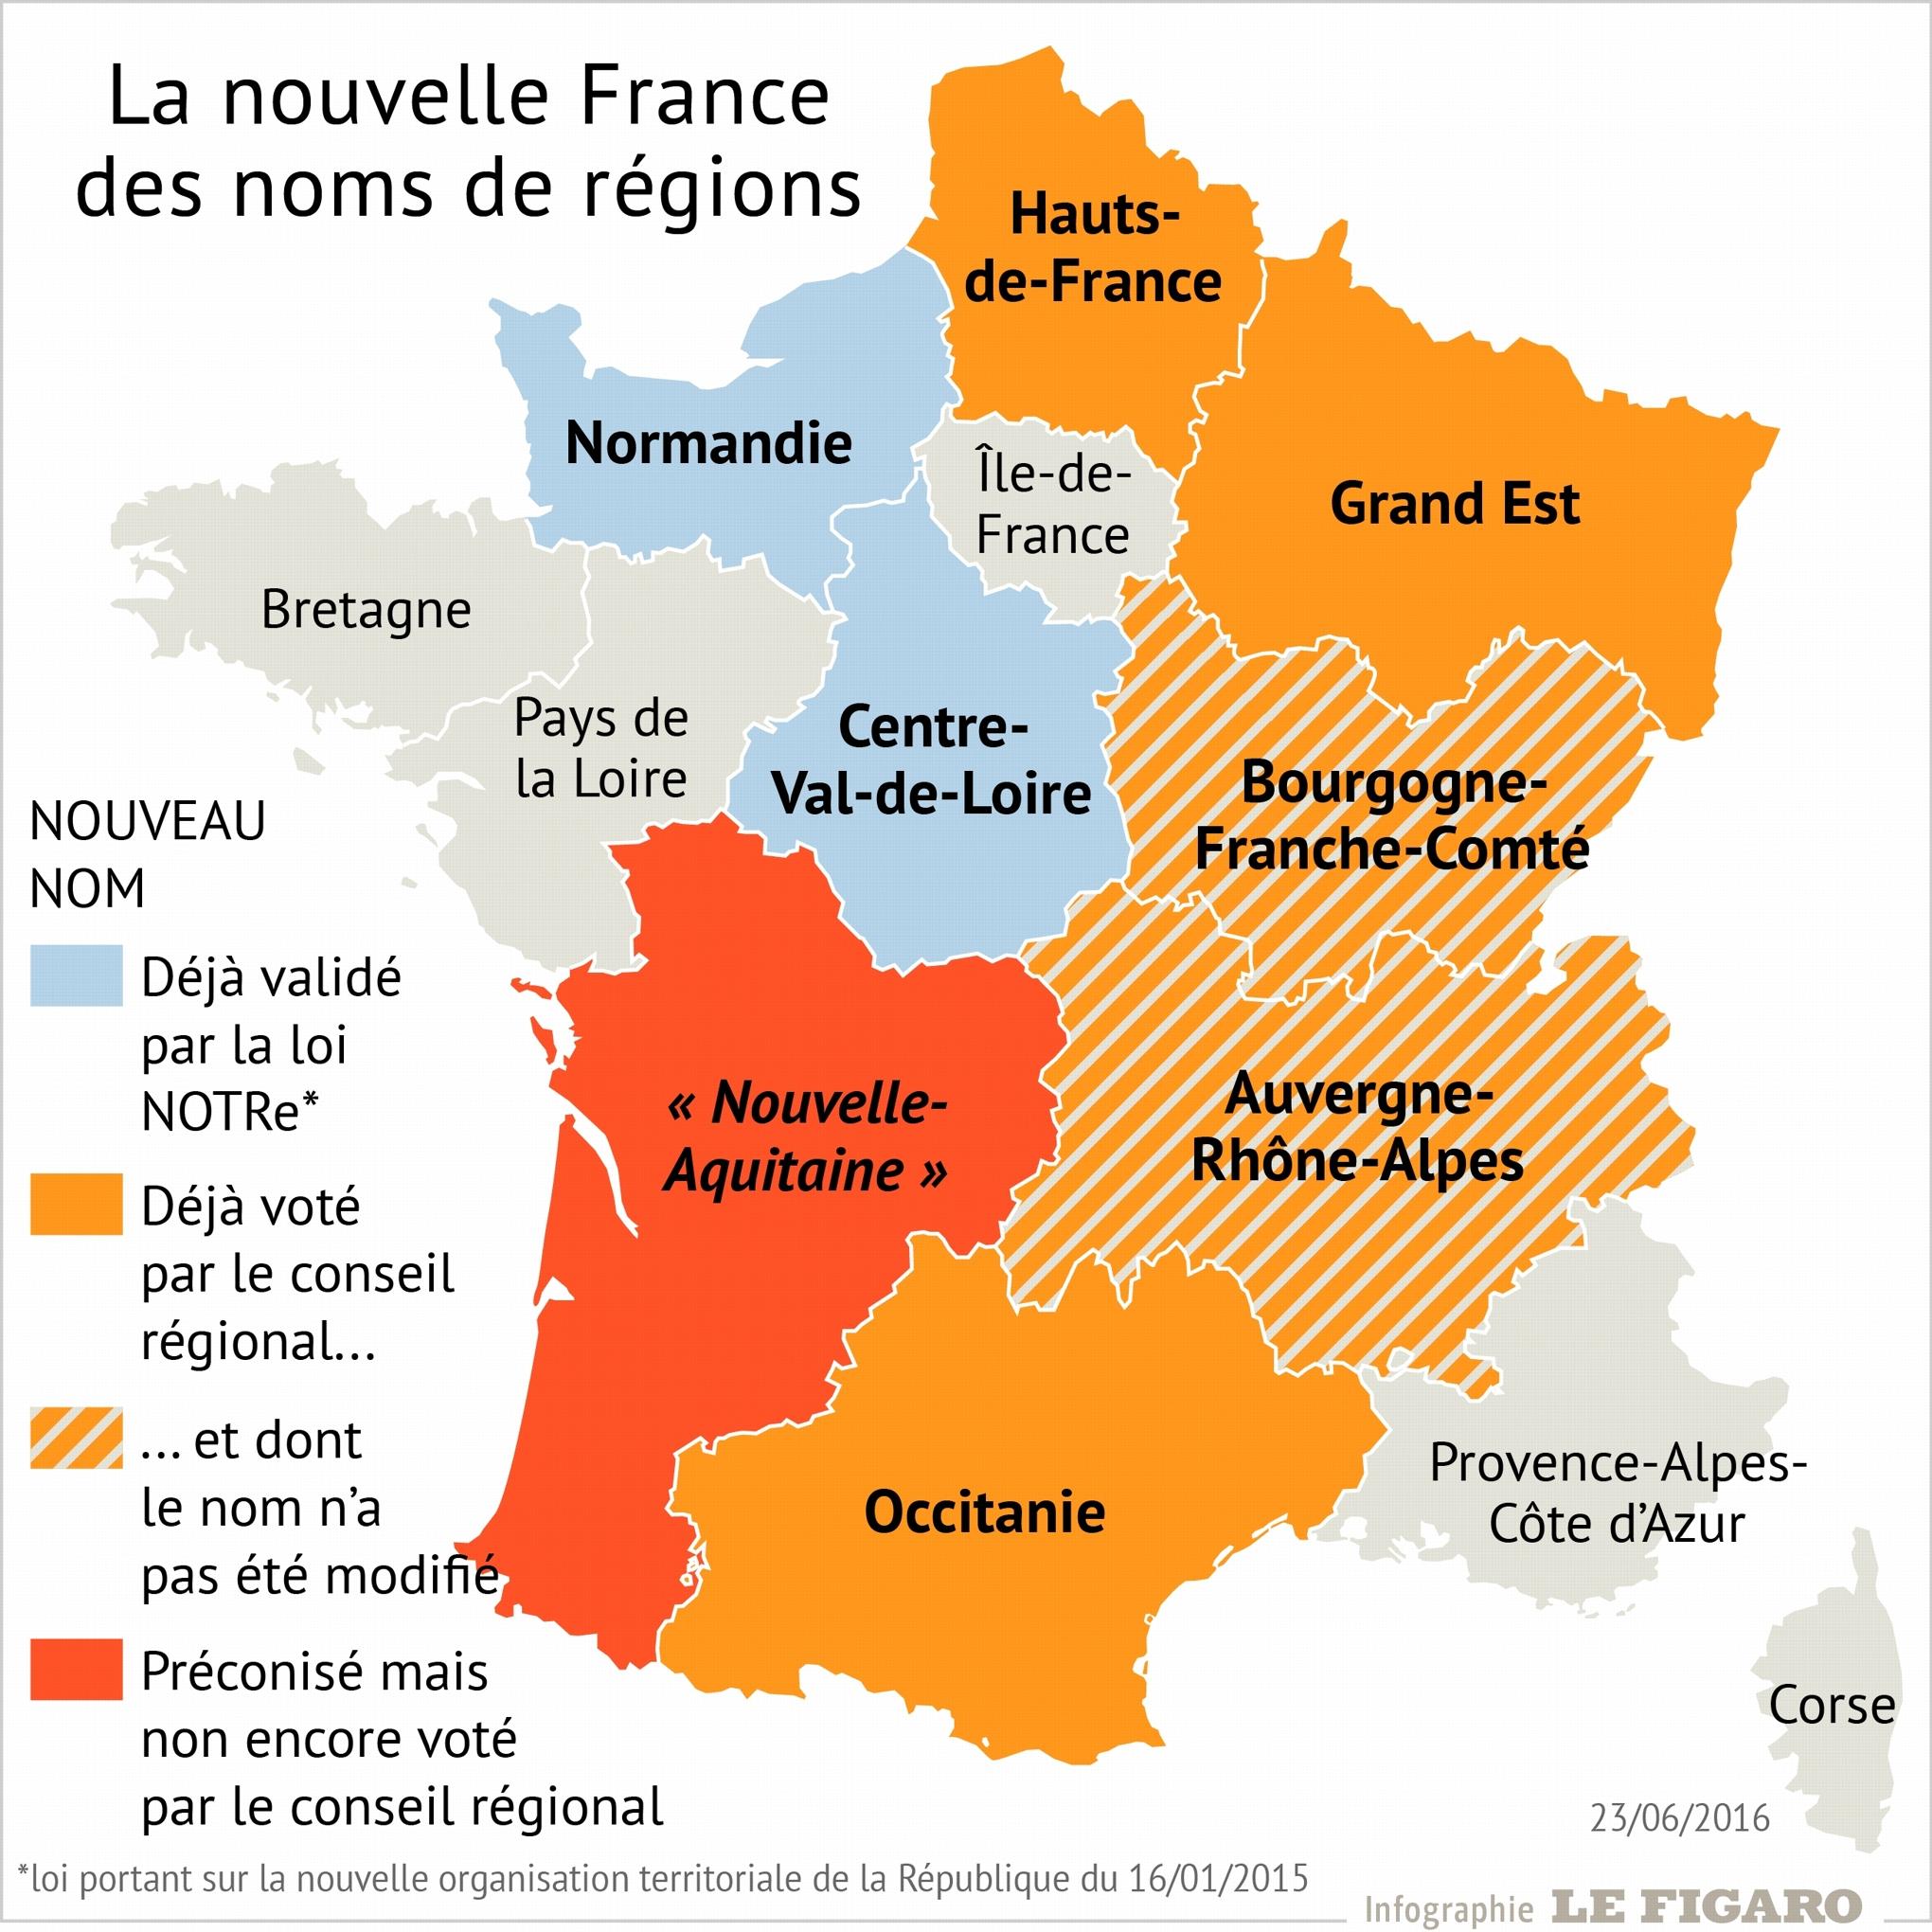 Occitanie, Nouvelle-Aquitaine: Discordes Autour Des concernant Nouvelle Region France